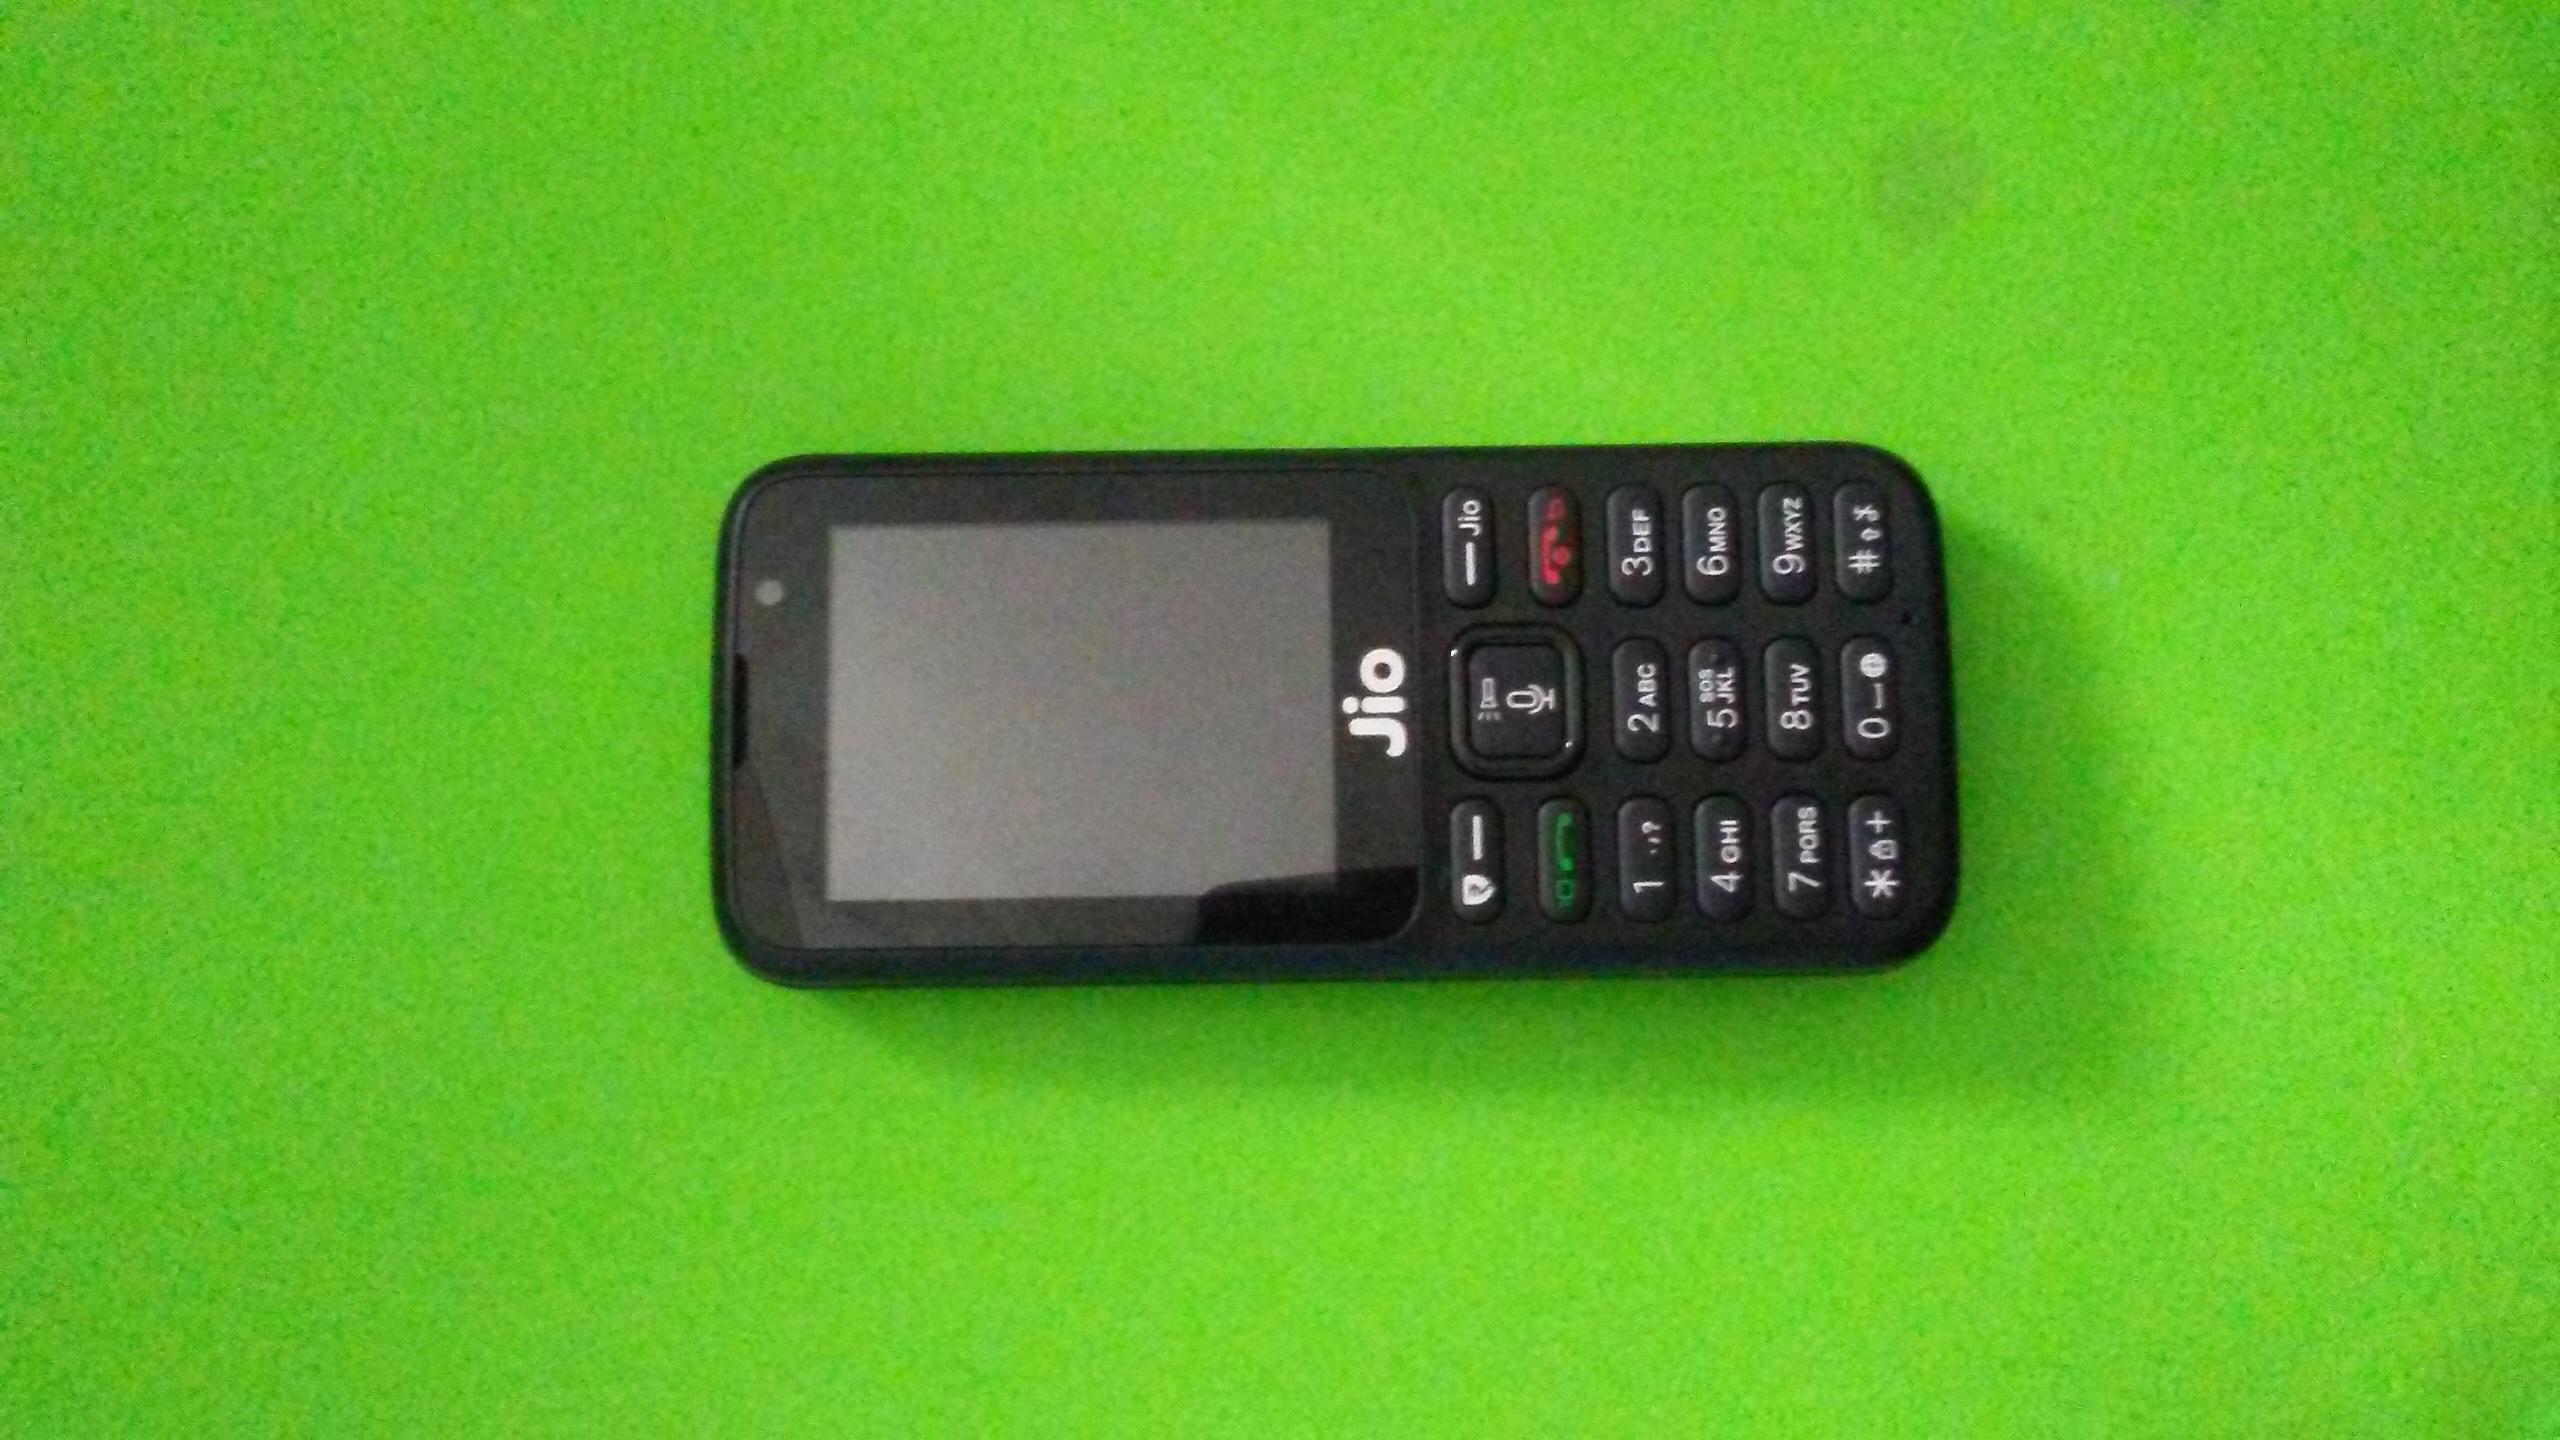 jio phone 2 के लिए इमेज परिणाम